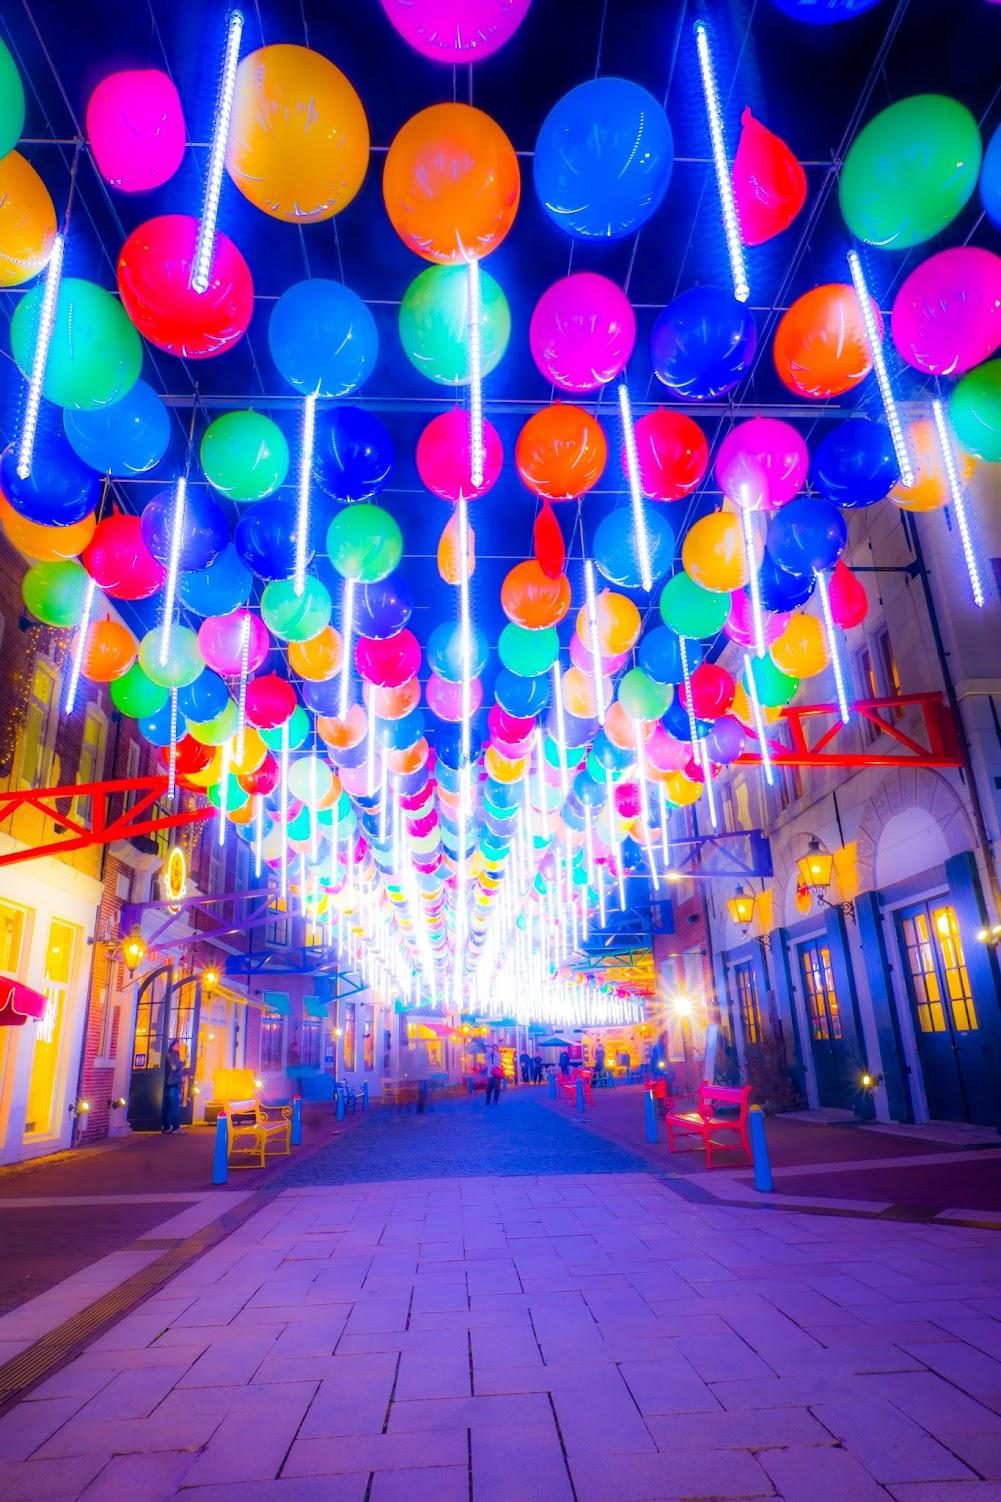 ハウステンボス イルミネーション 光の王国 ハッピーバルーンストリート3